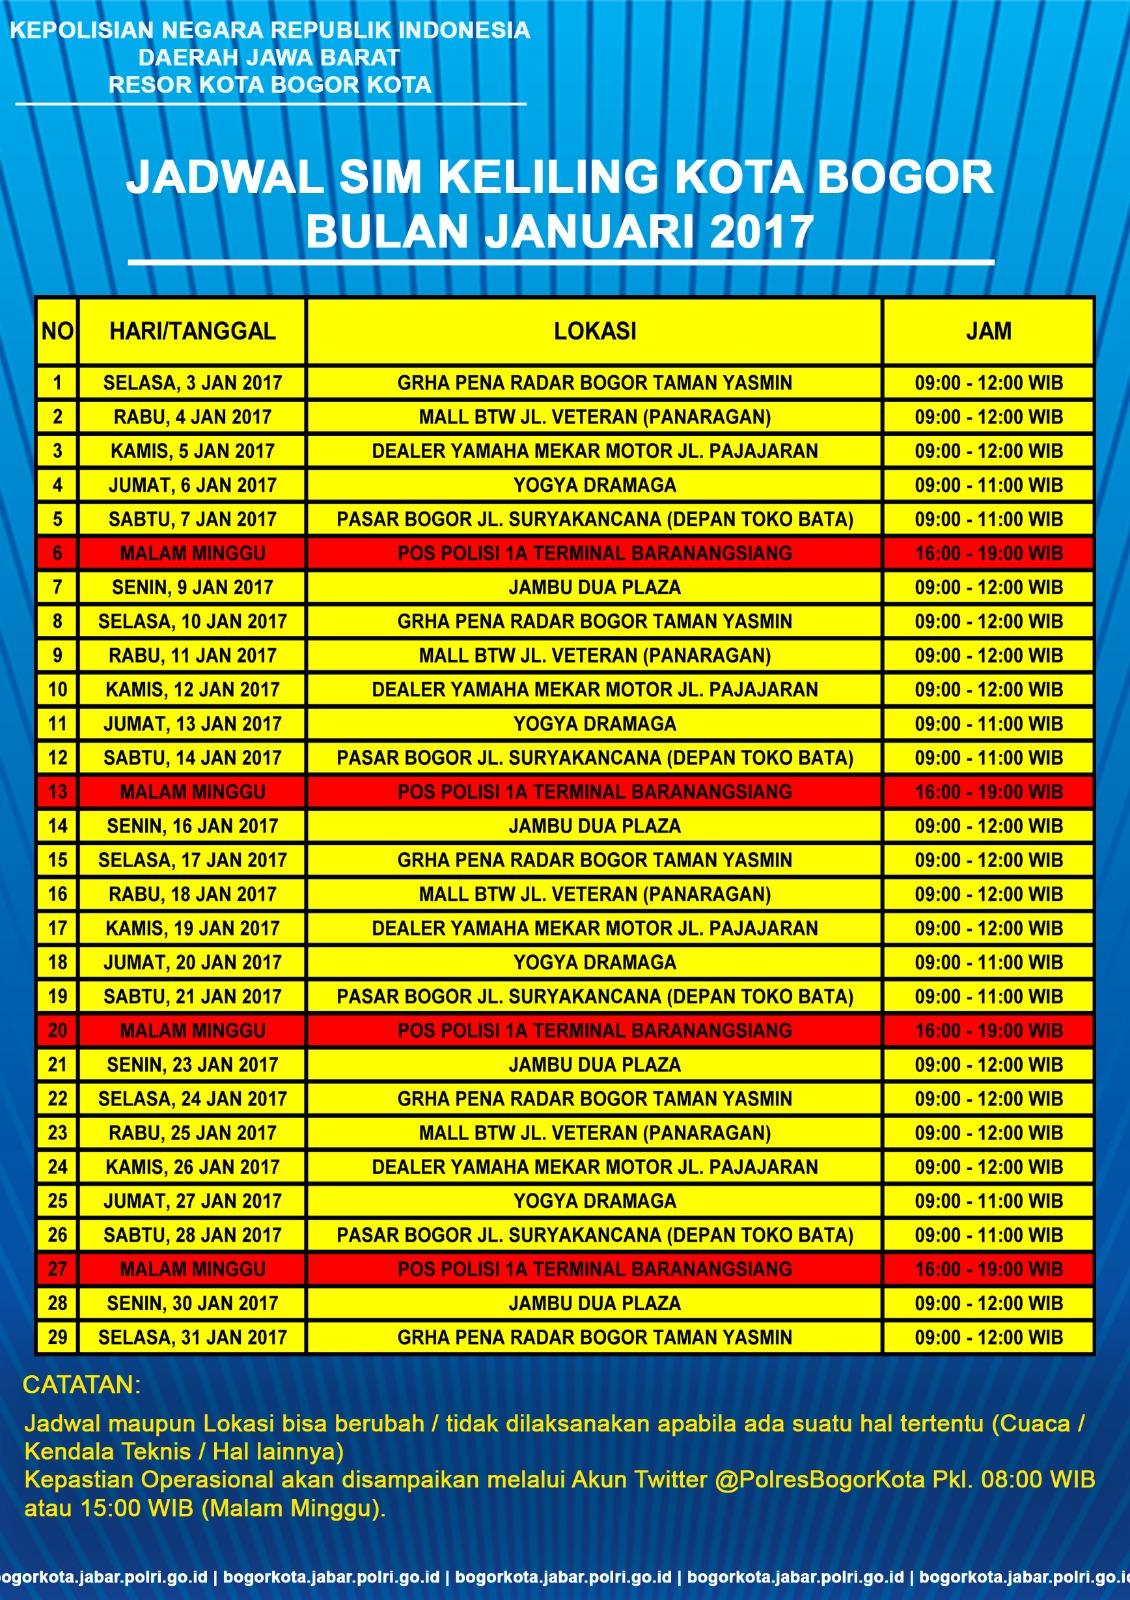 Jadwal SIM Keliling Polres Kota Bogor Kota Januari 2017